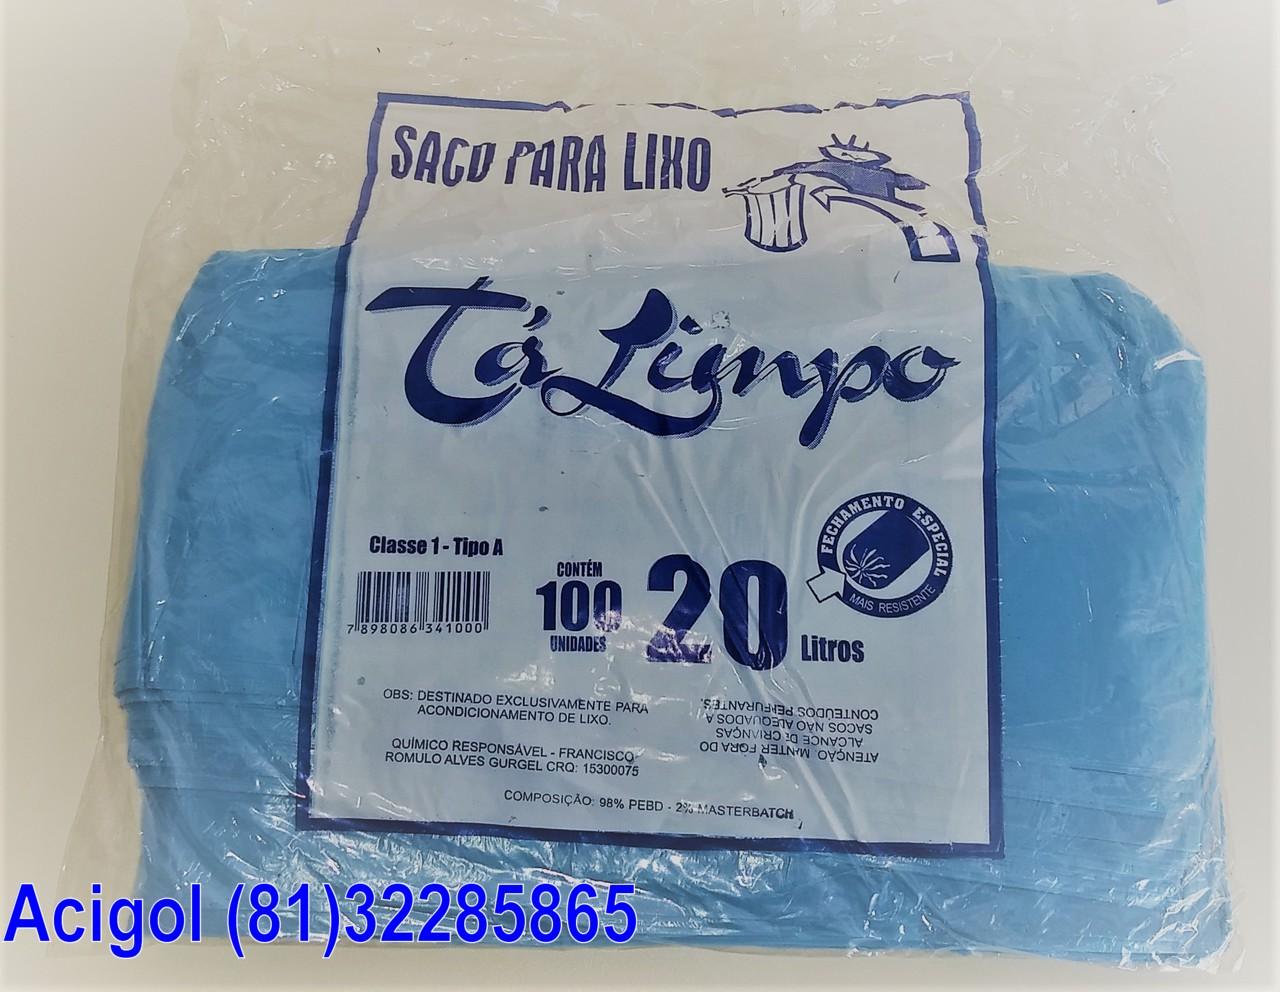 SACO PARA LIXO AZUL CAPACIDADE 20 LITROS PACOTE COM 100 SACOS-ACIGOL 81 32285865-IMG_20180107_141456703